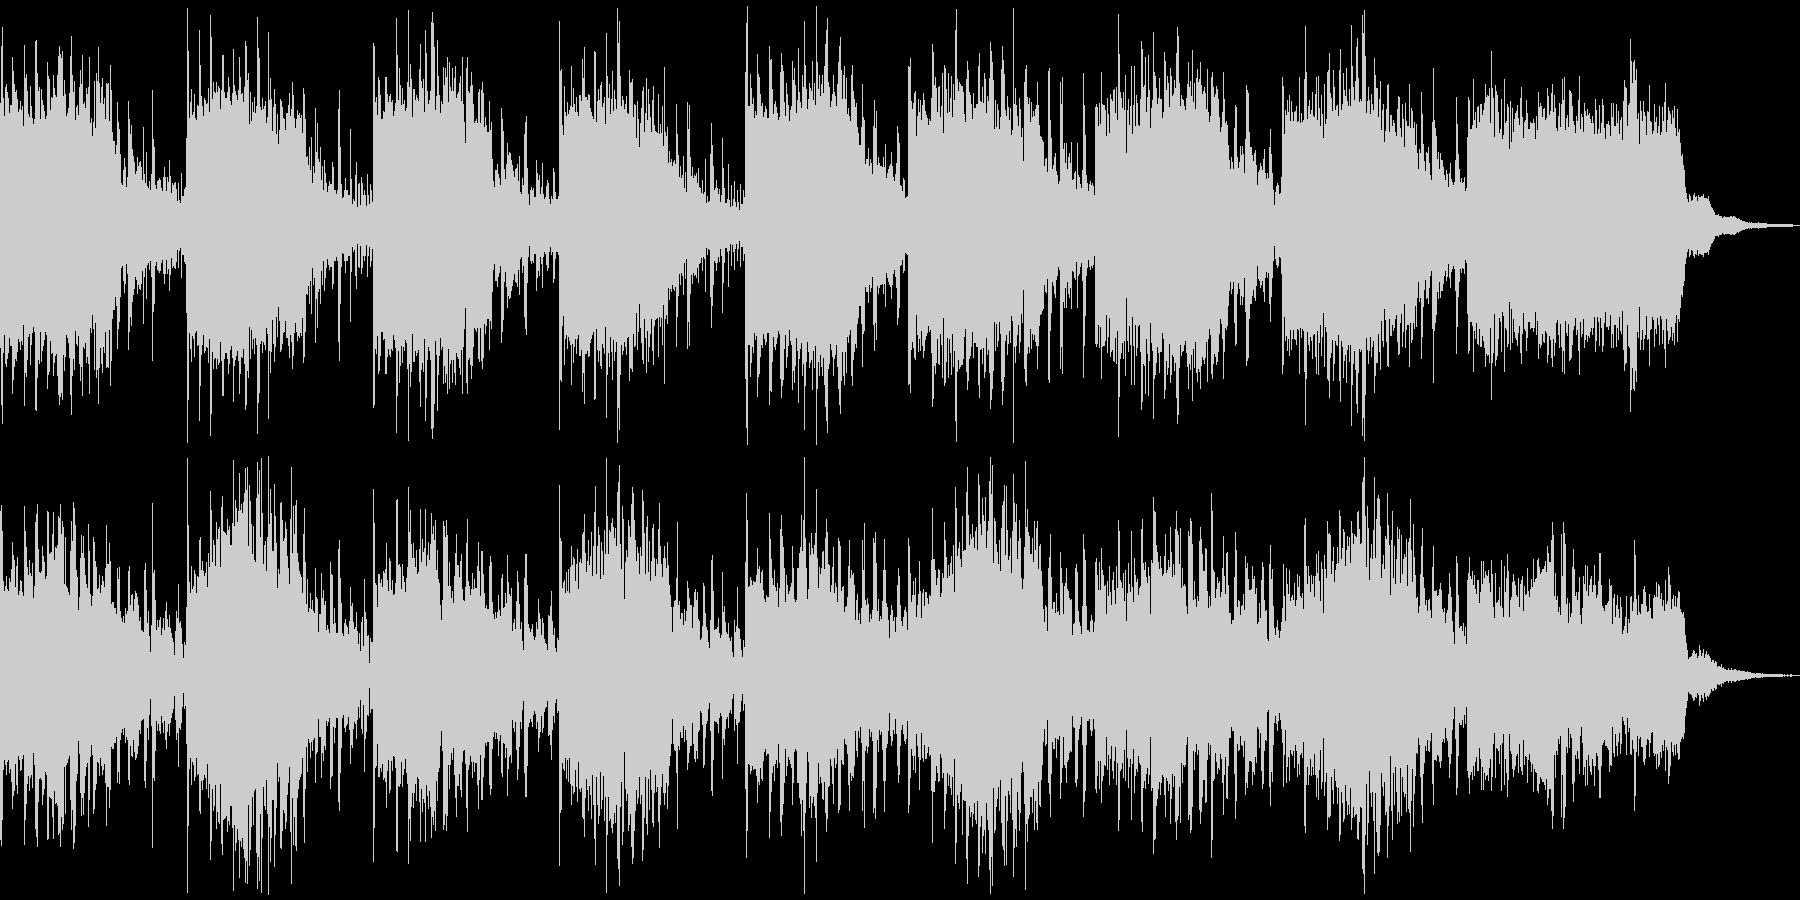 きれいめサスペンス、ホラー系BGMの未再生の波形